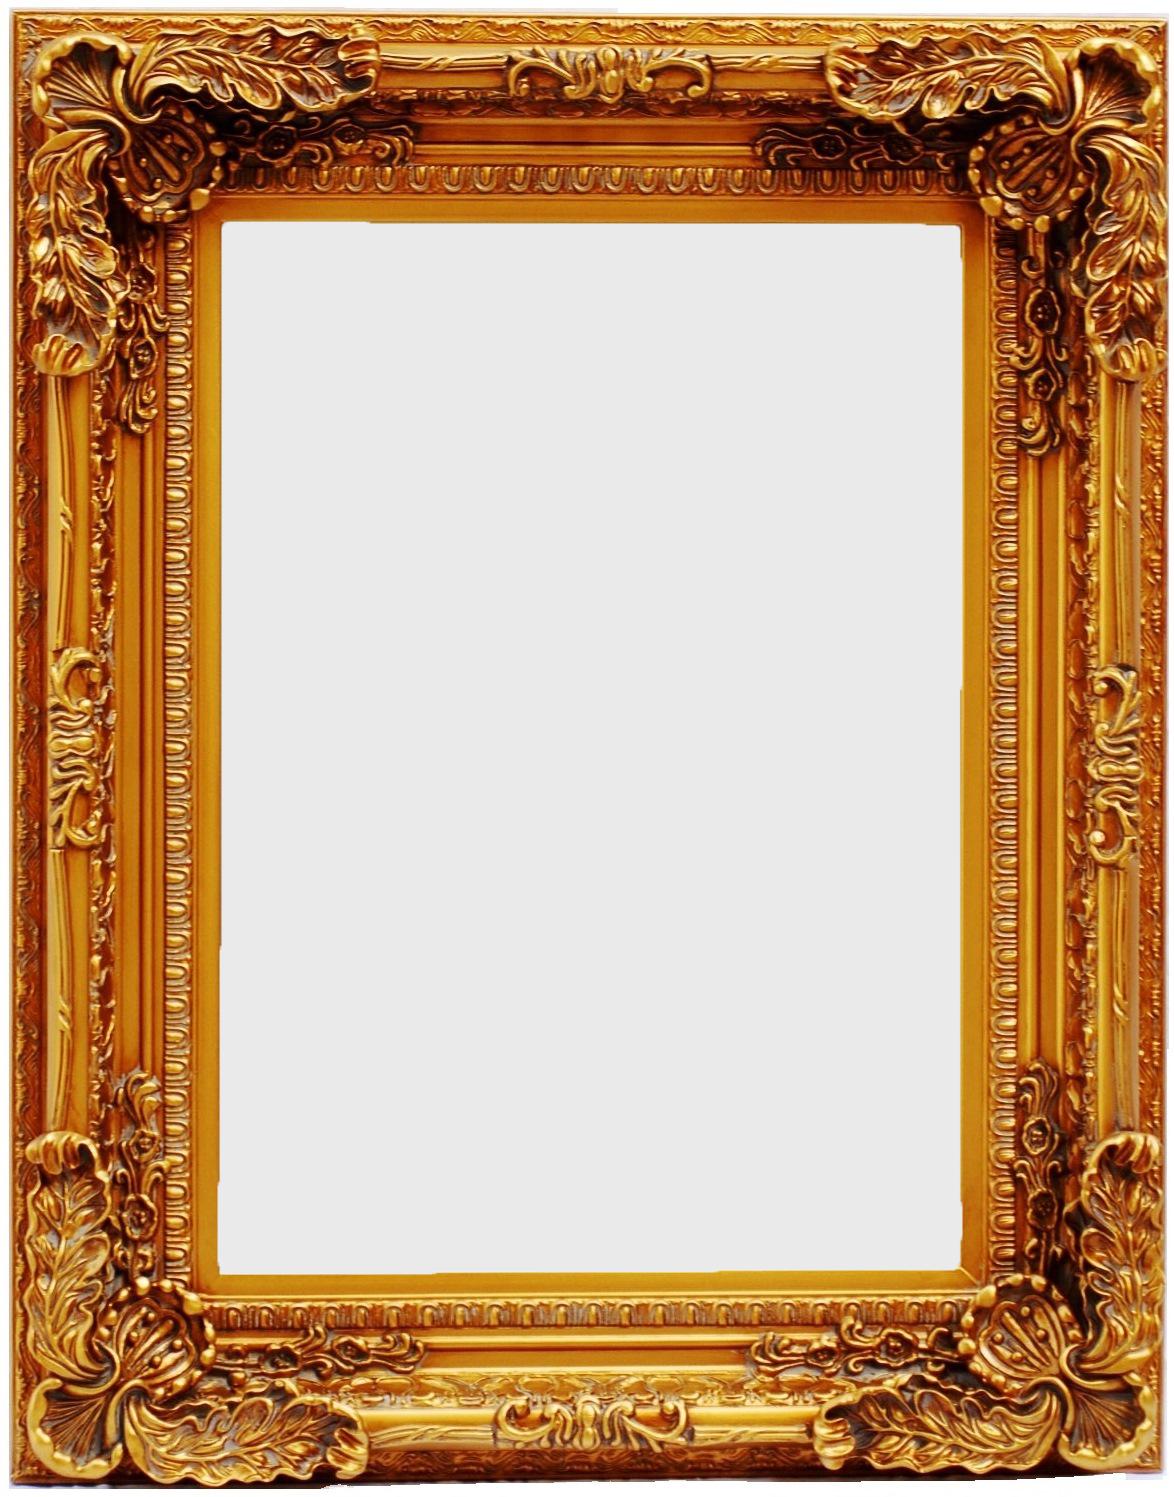 Καθρέπτης Ξύλινος Royal Art 50x70εκ. INA3/3204/70GL (Υλικό: Ξύλο, Χρώμα: Χρυσό ) - Royal Art Collection - INA3/3204/70GL